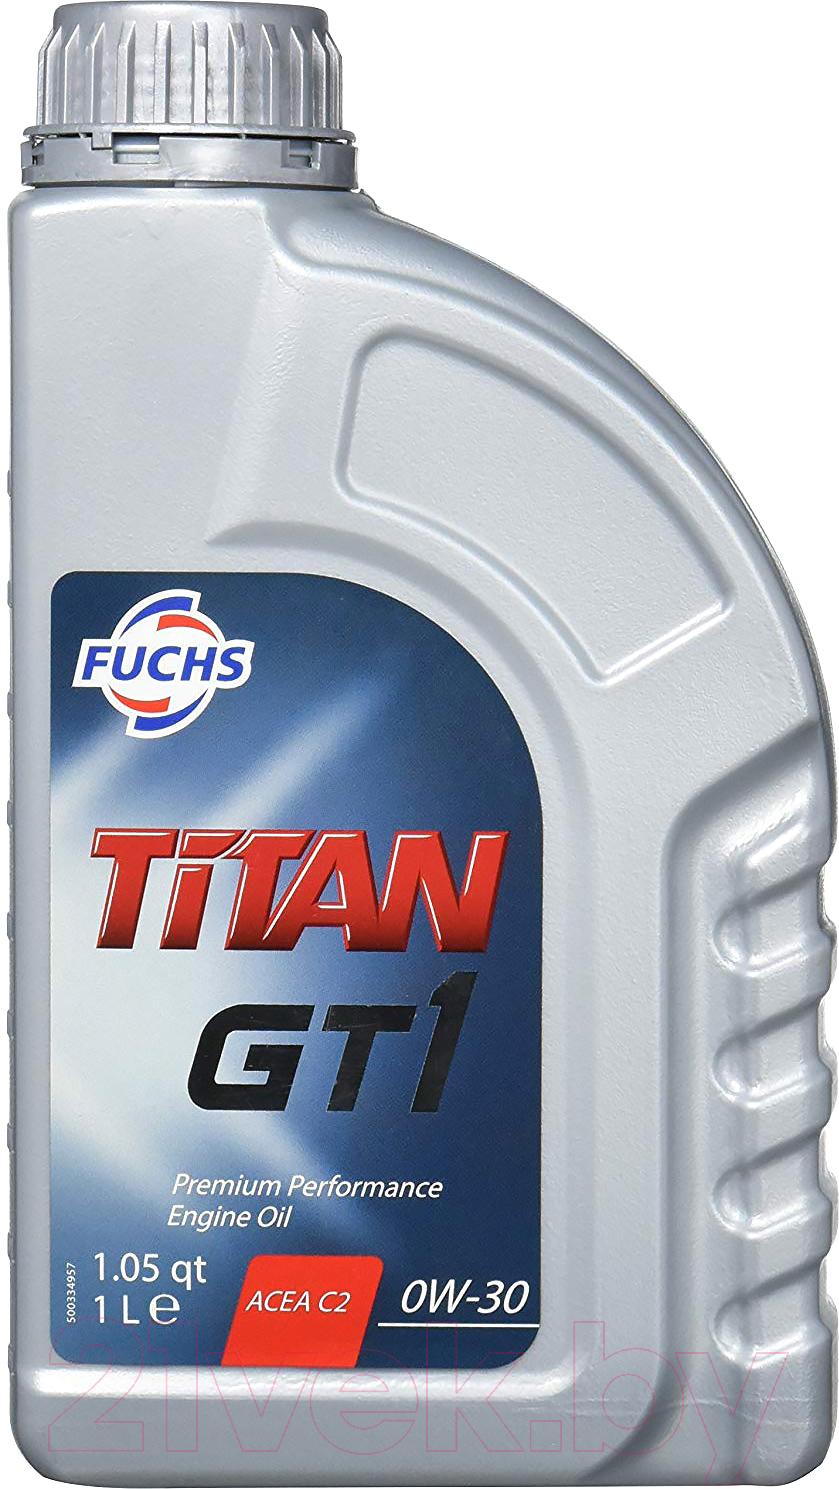 Купить Моторное масло Fuchs, Titan Gt1 0W30 / 600999797 (1л), Германия